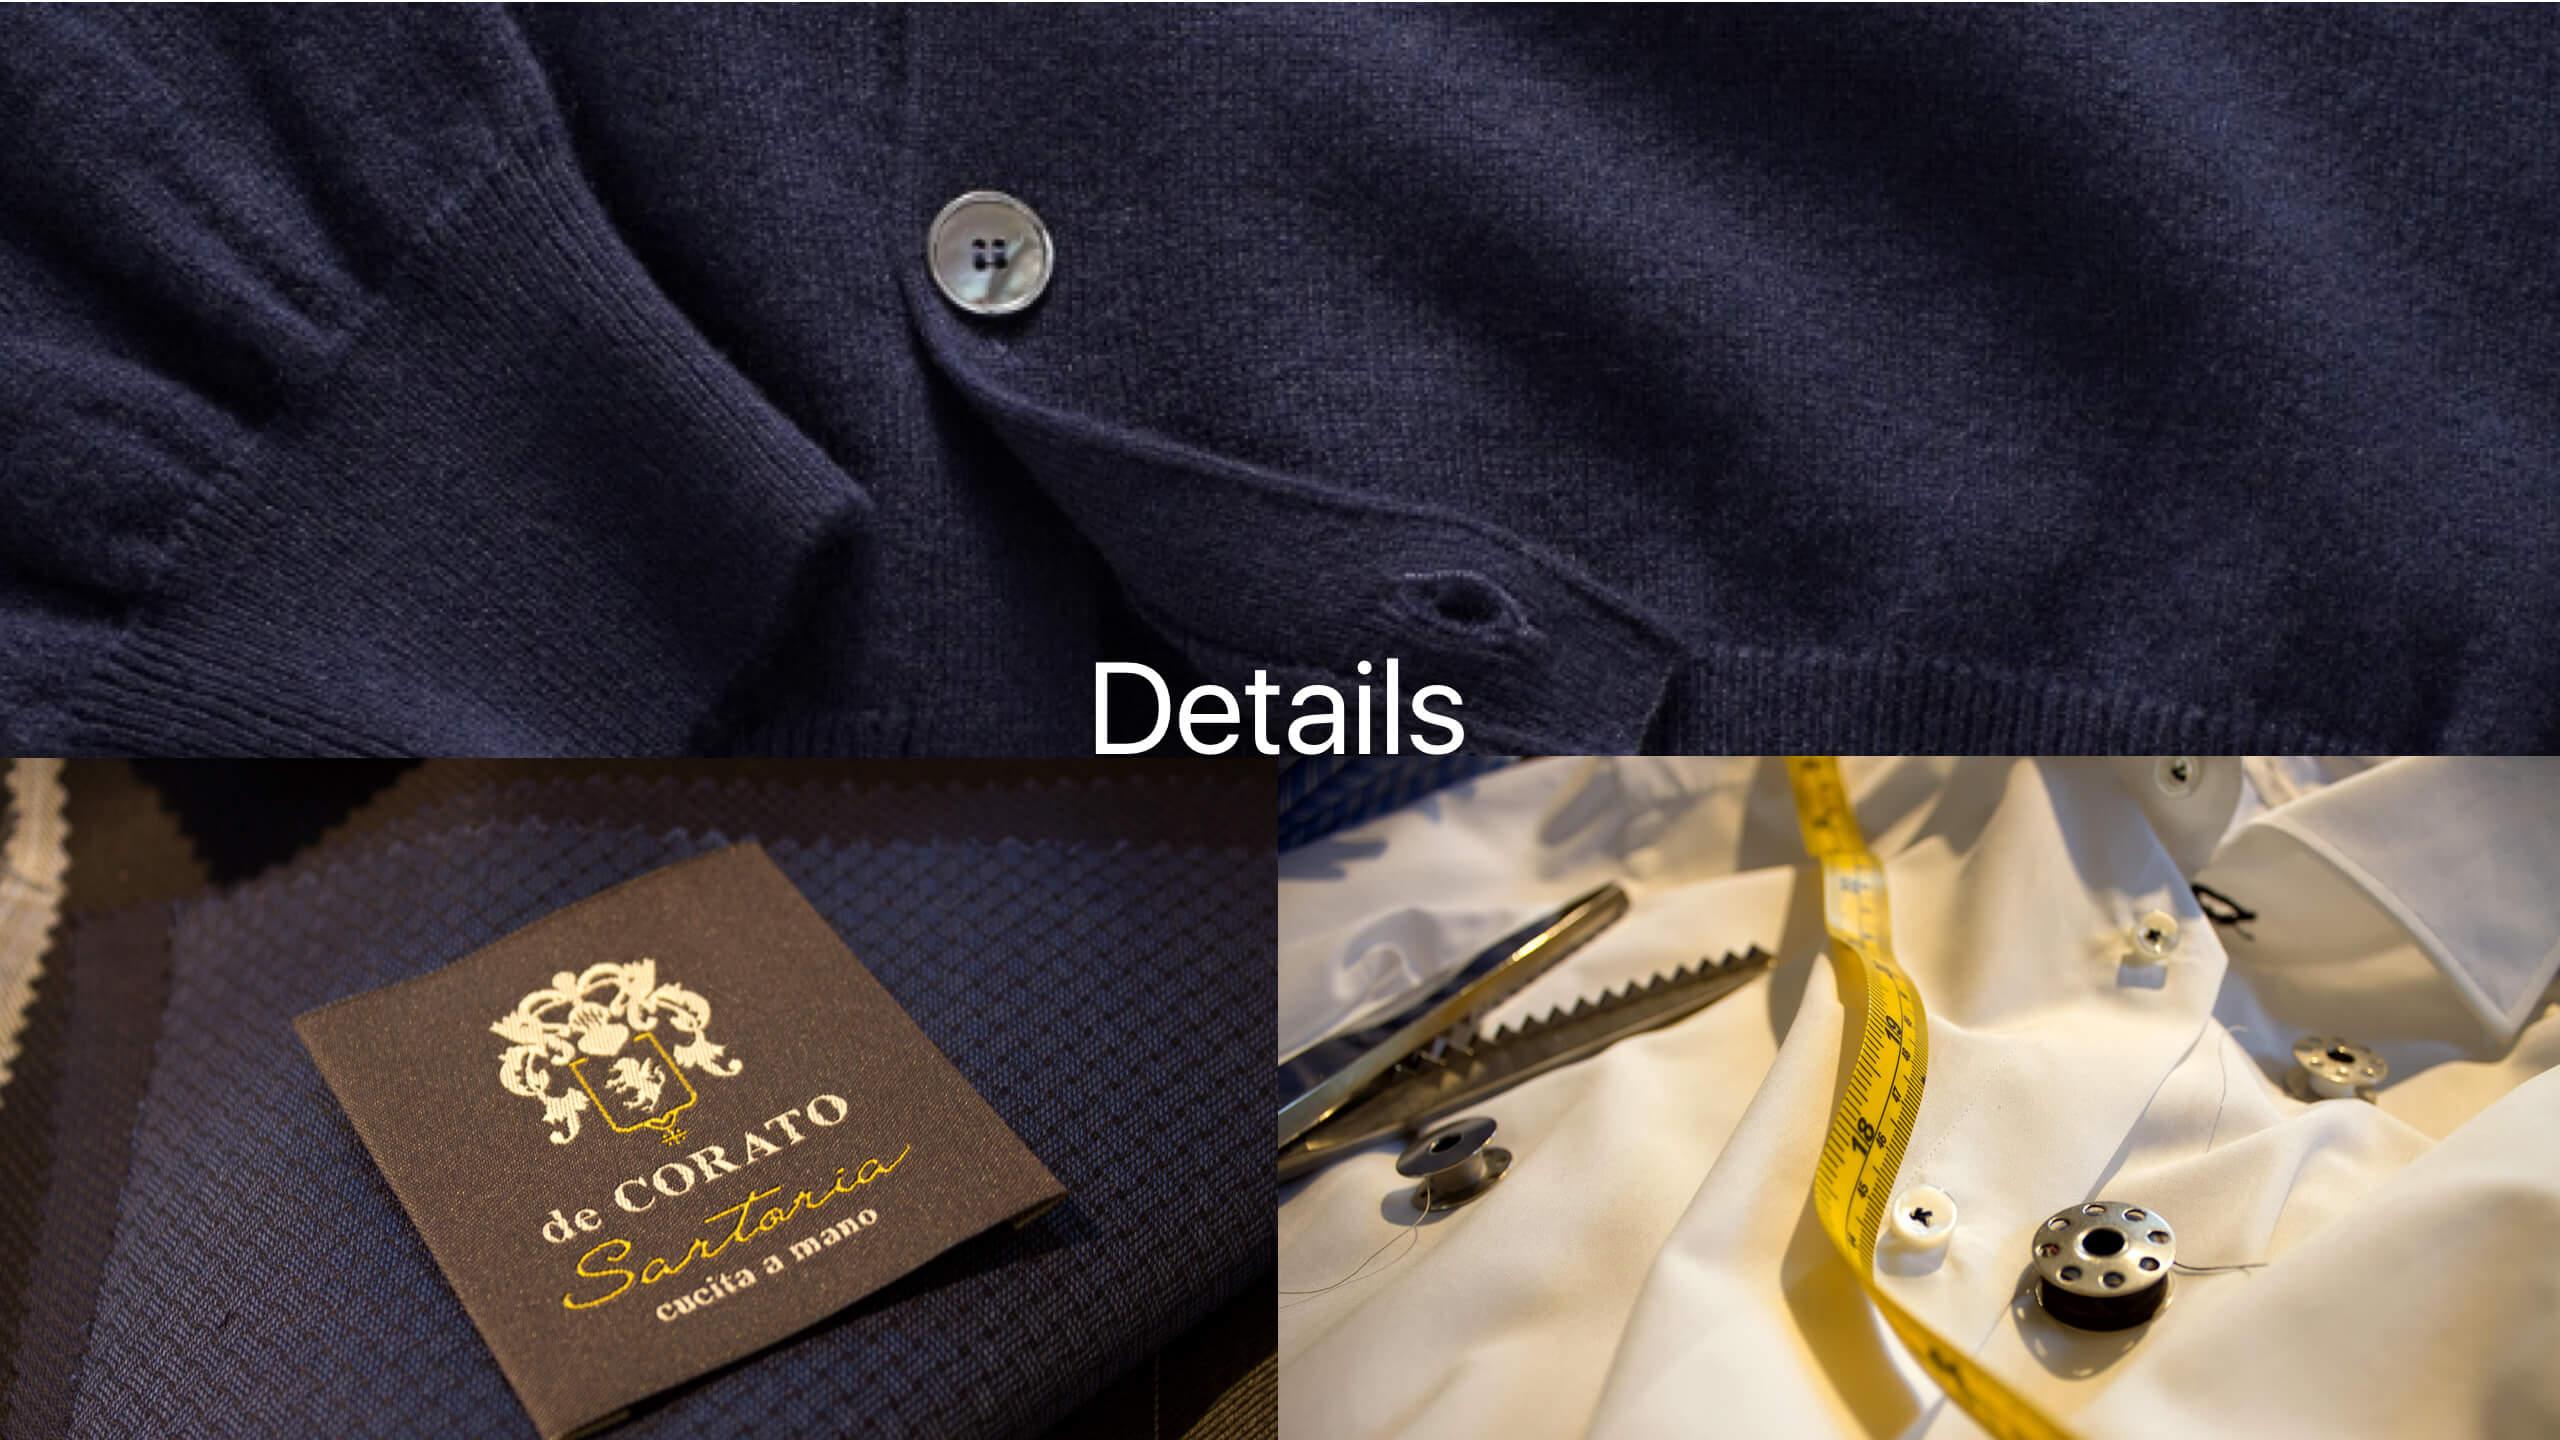 de_corato-details_image